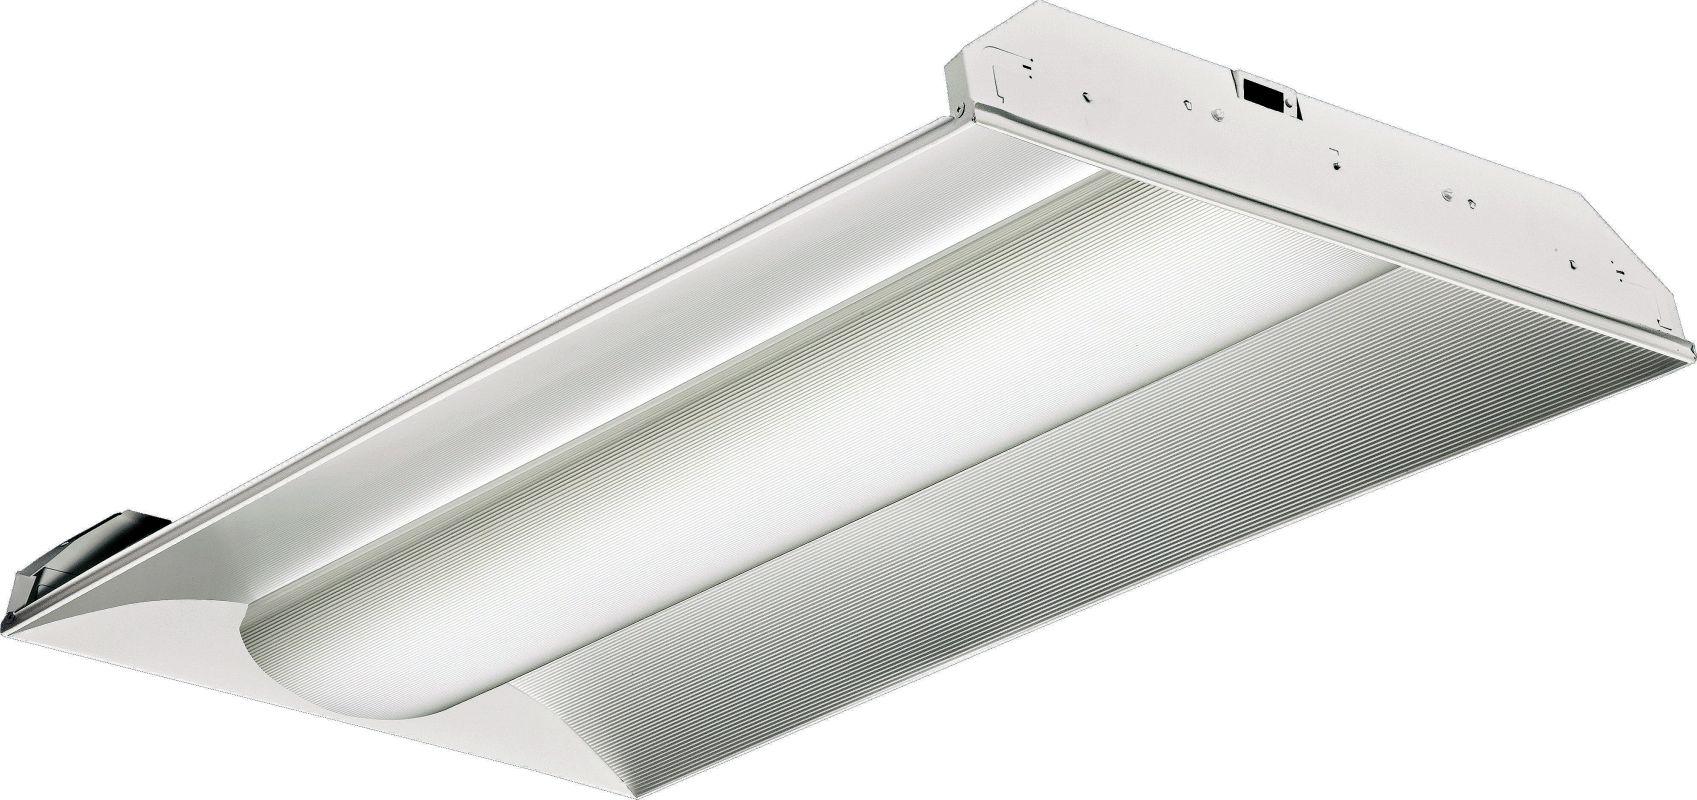 """Lithonia Lighting 2VTL4 48L ADP EZ1 LP835 1 Light 48"""" LED IC Rated"""